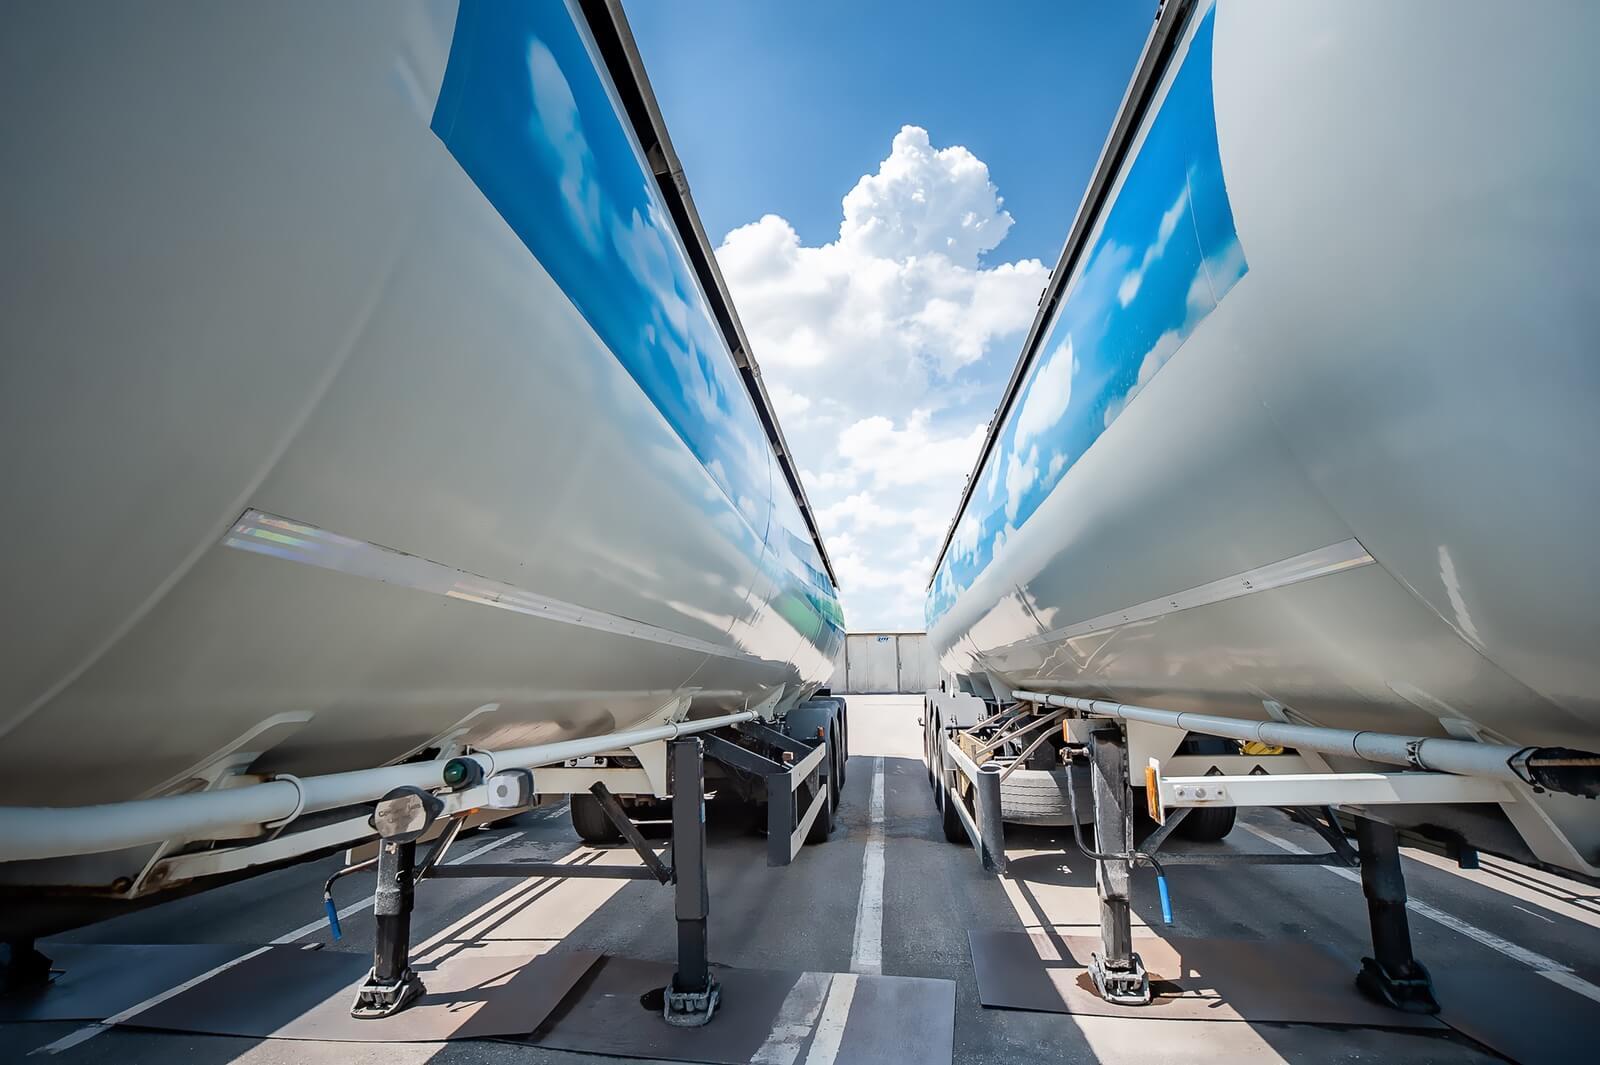 Trasporto GAS e Jet fuel - Levorato Marcevaggi